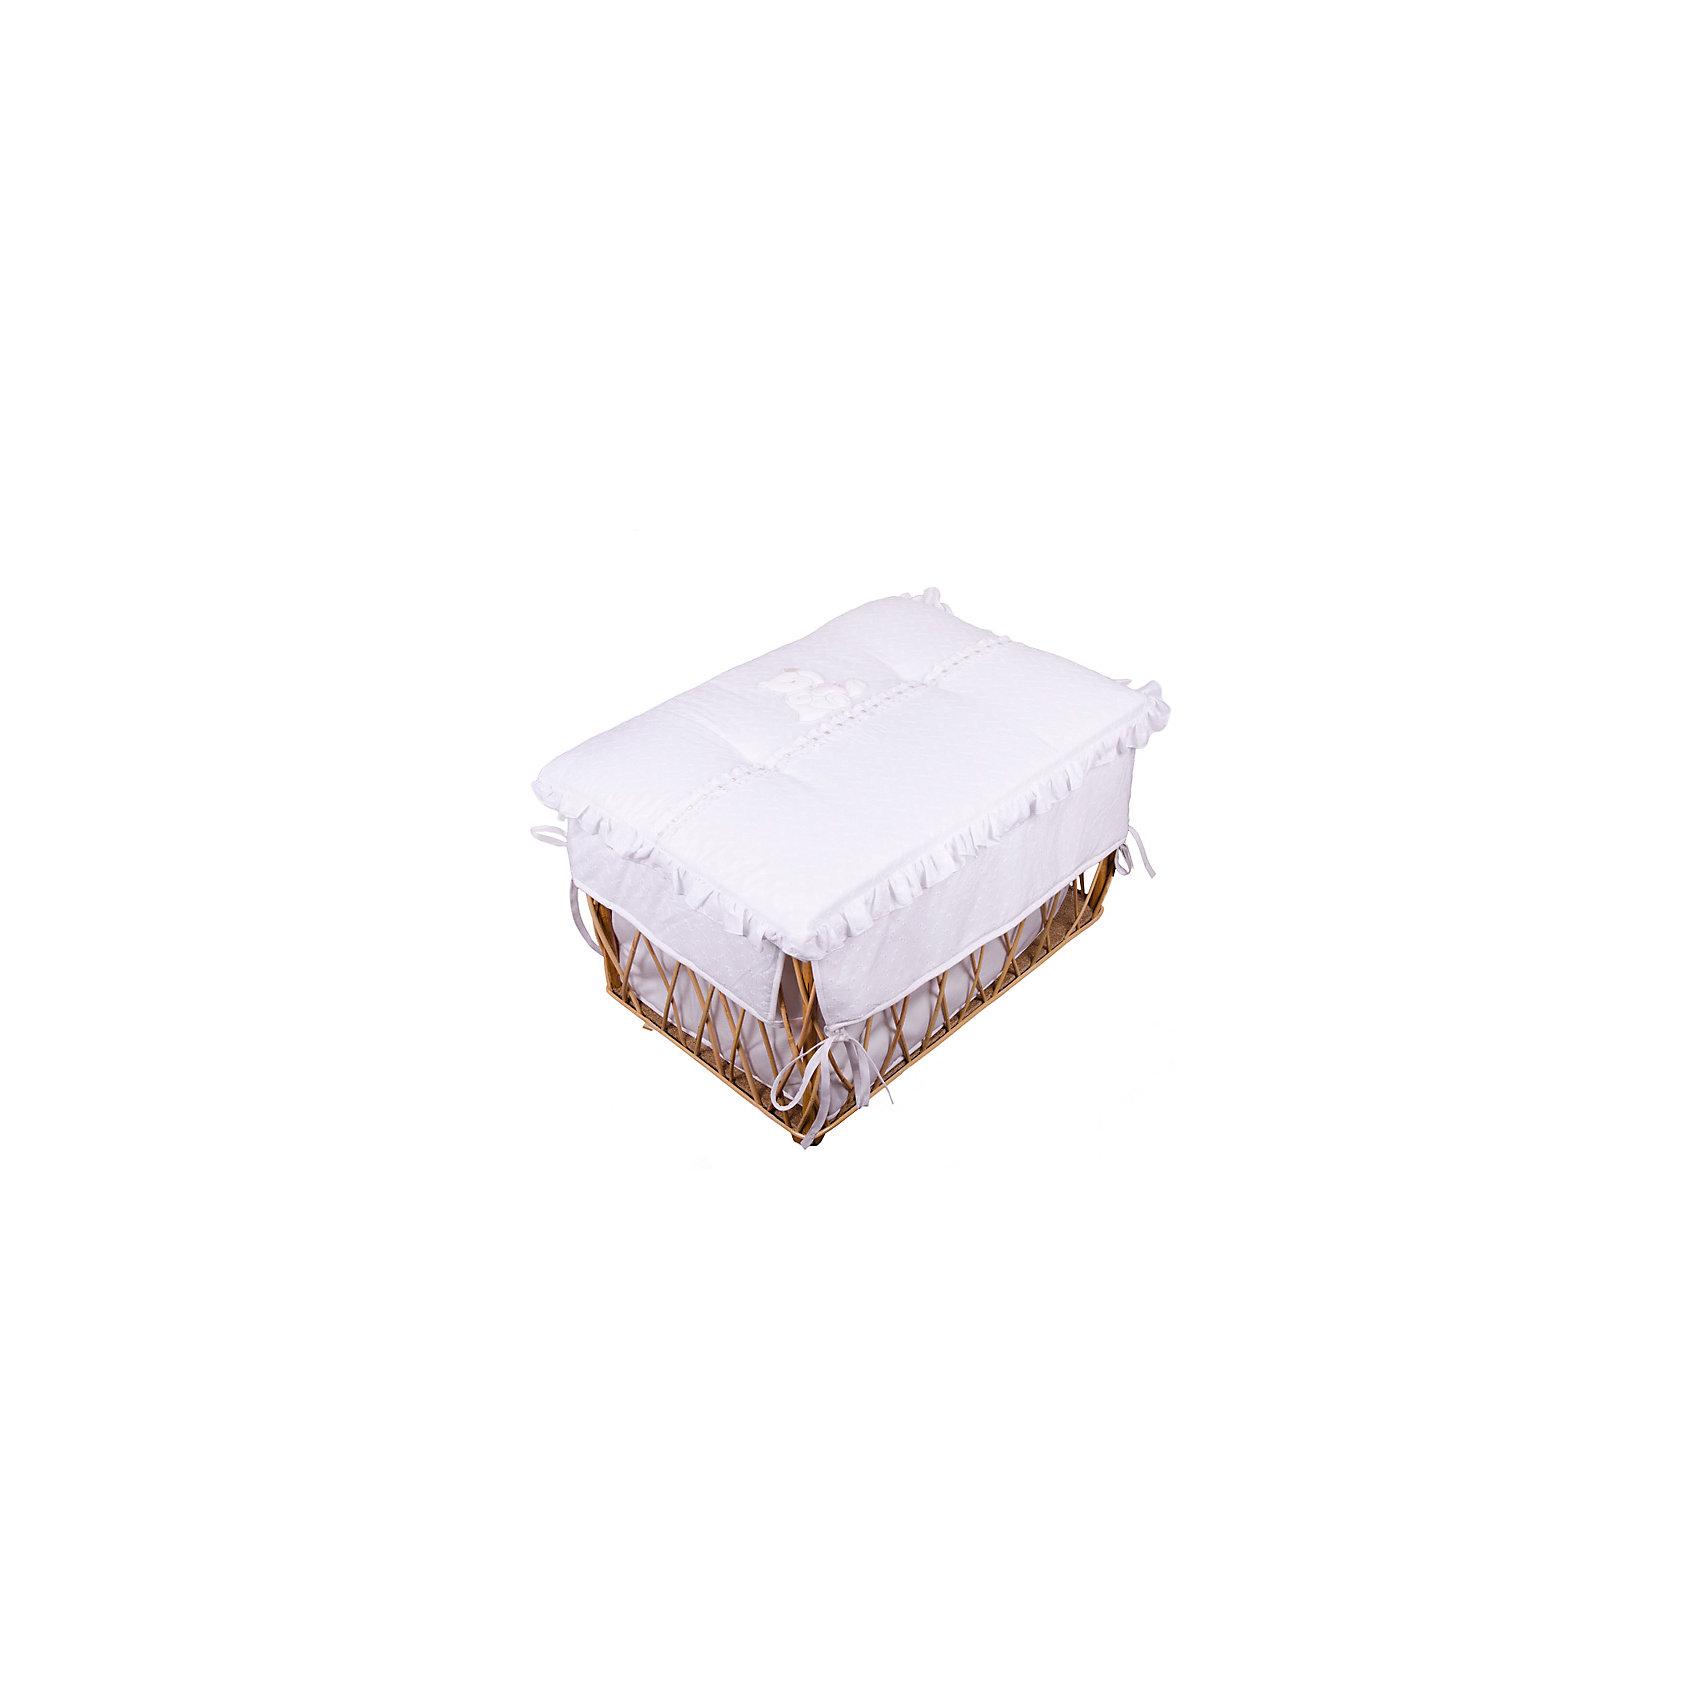 Italbaby Плетеный ящик для игрушек AMORE,Italbaby, белый